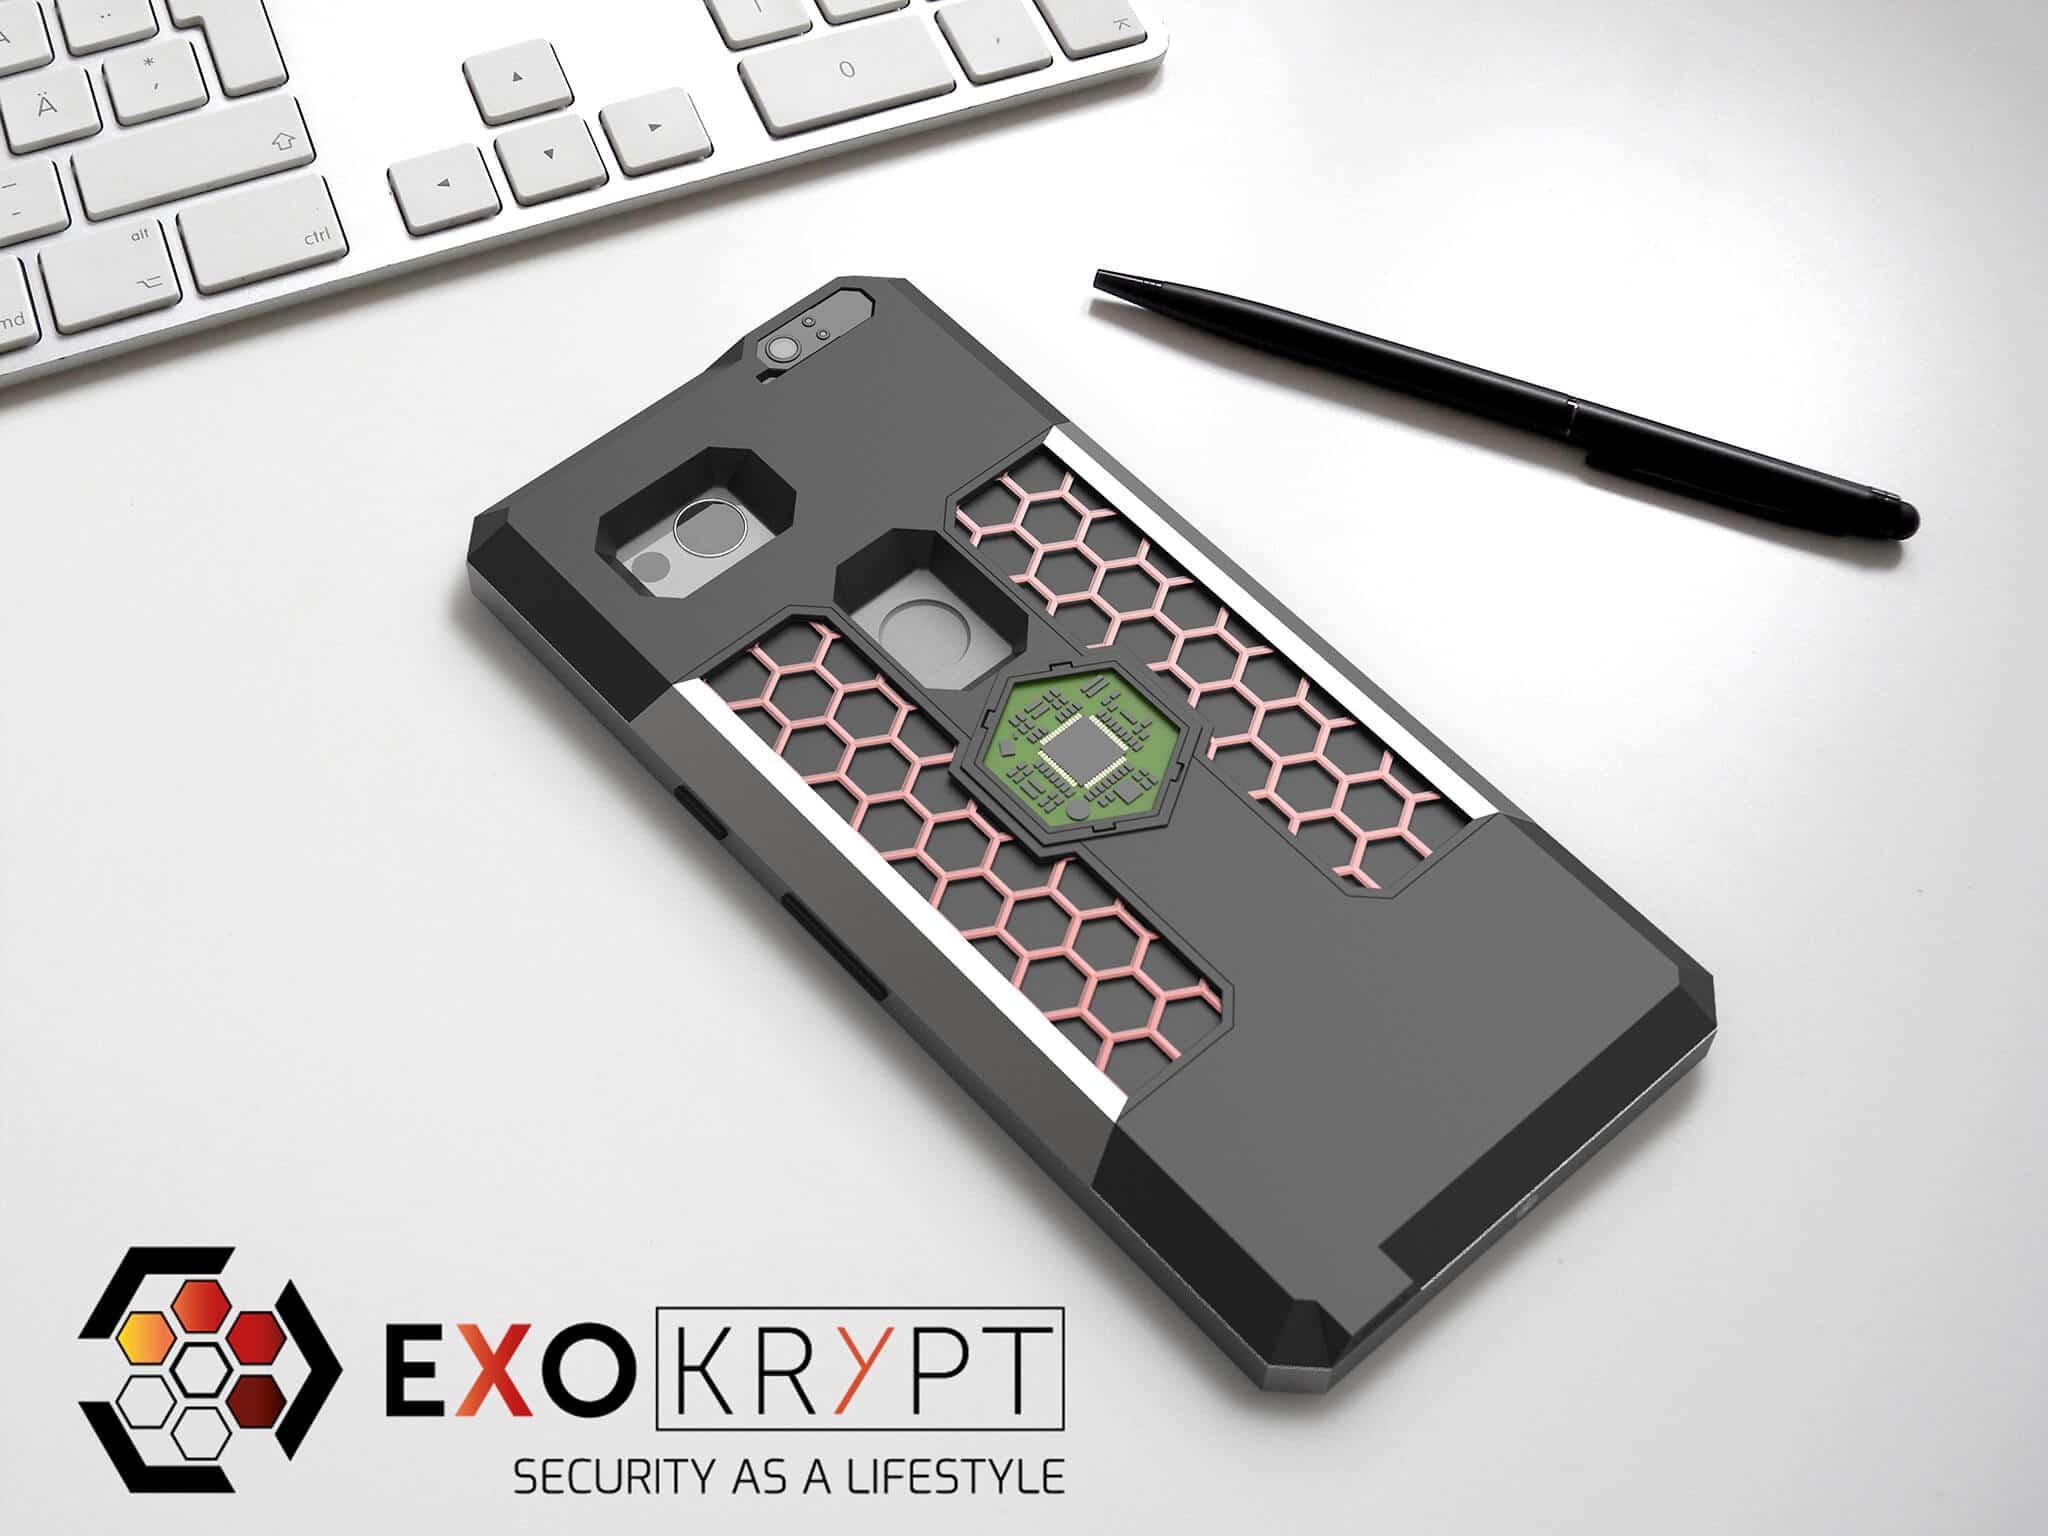 ExoShield BUSINESS Smartphone Case - Brushed Metal Frame - Red Hexagon Inlets auf einem Tisch auf einem Papierblatt liegend mit Kugelschreiber daneben, Mac Tastatur darüber